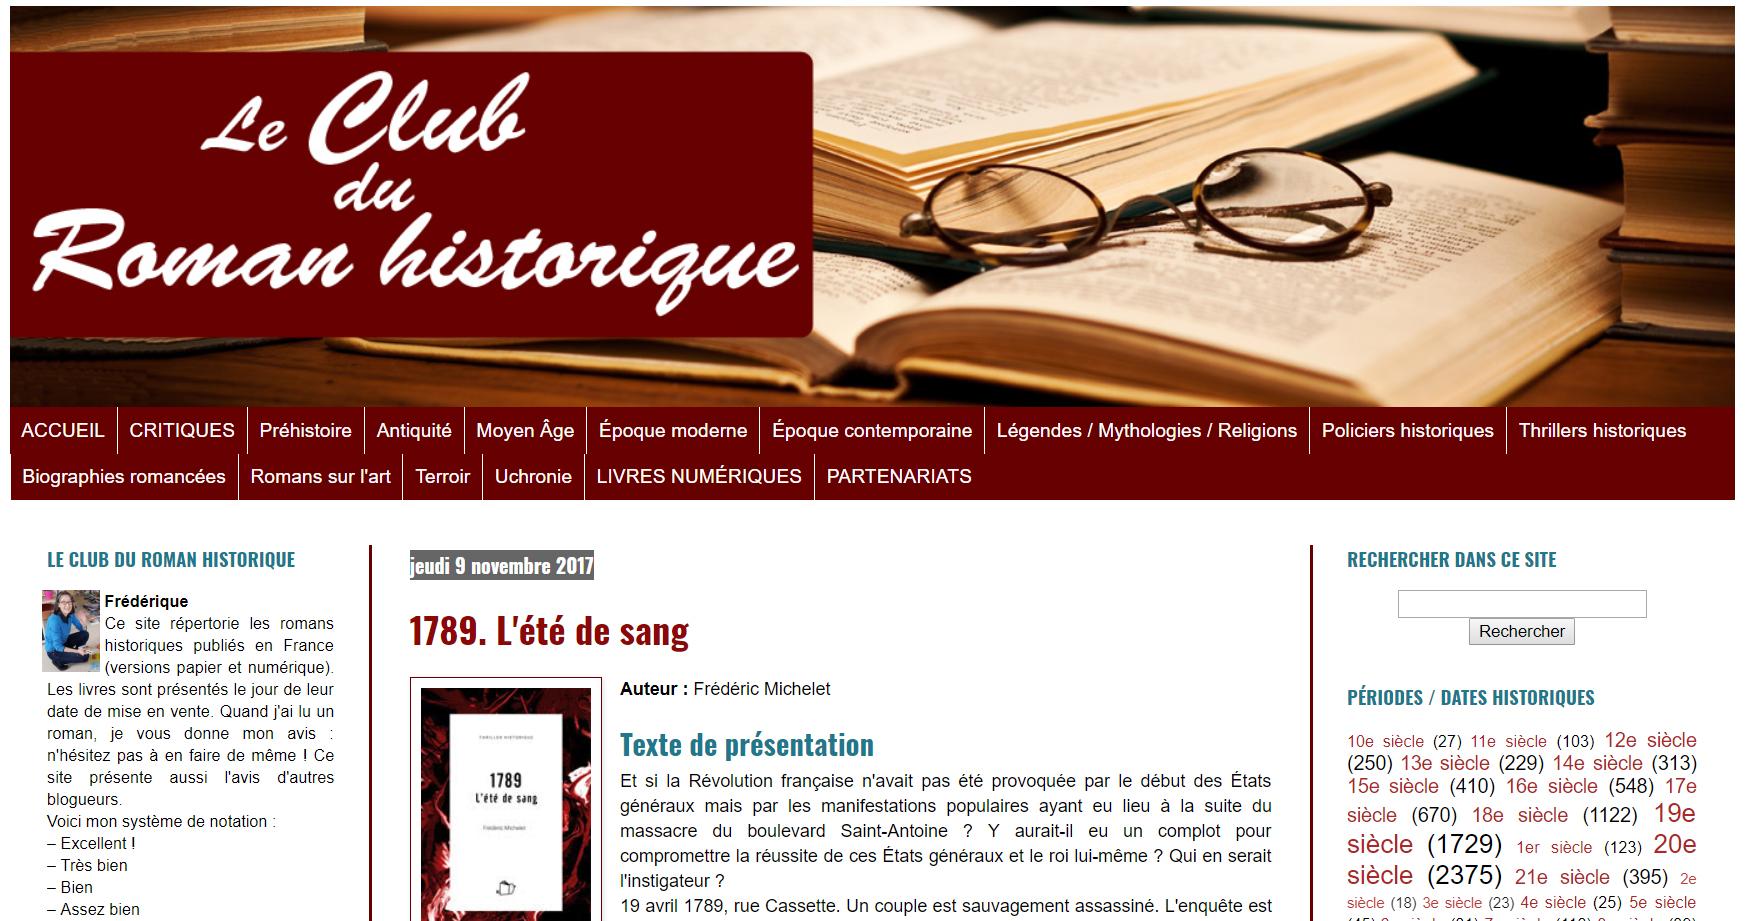 Le club du roman historique: : 1789, l'été de sang